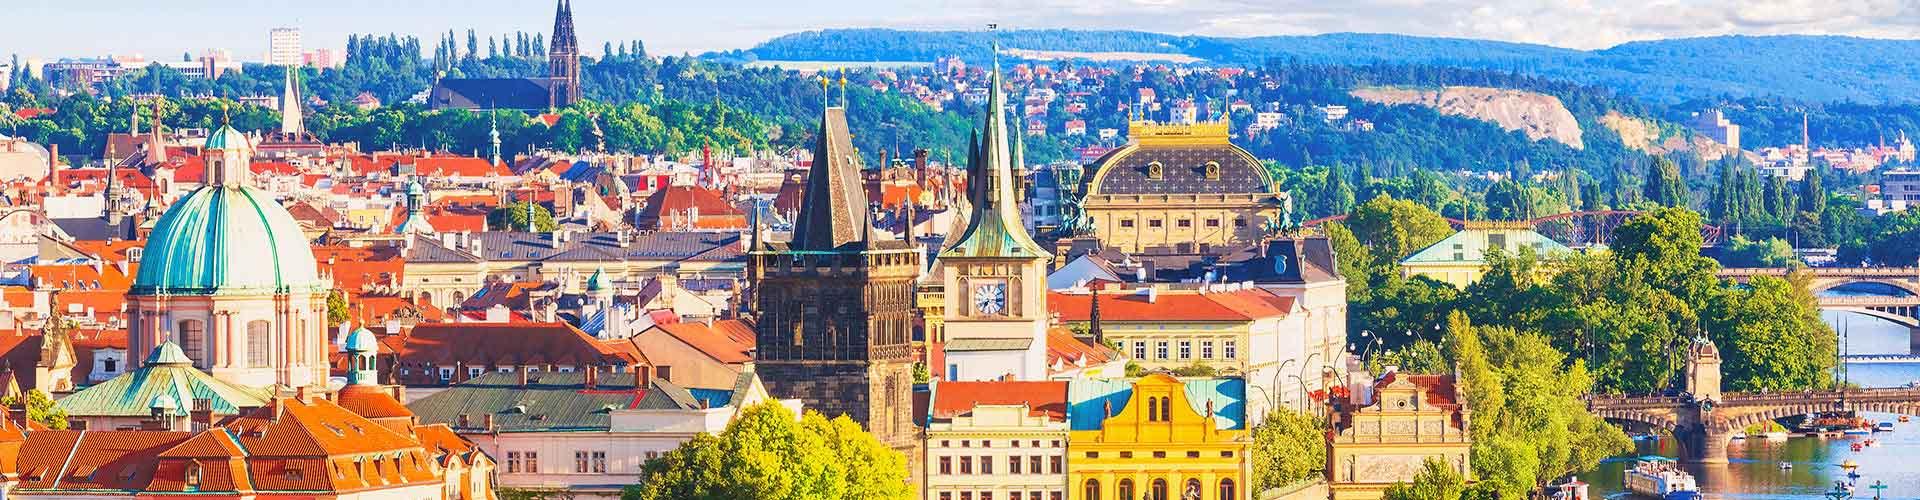 Prága - Ifjúsági Szállások Prágaben. Prága térképek, fotók és ajánlások minden egyes ifjúsági szállásokra Prága-ben.